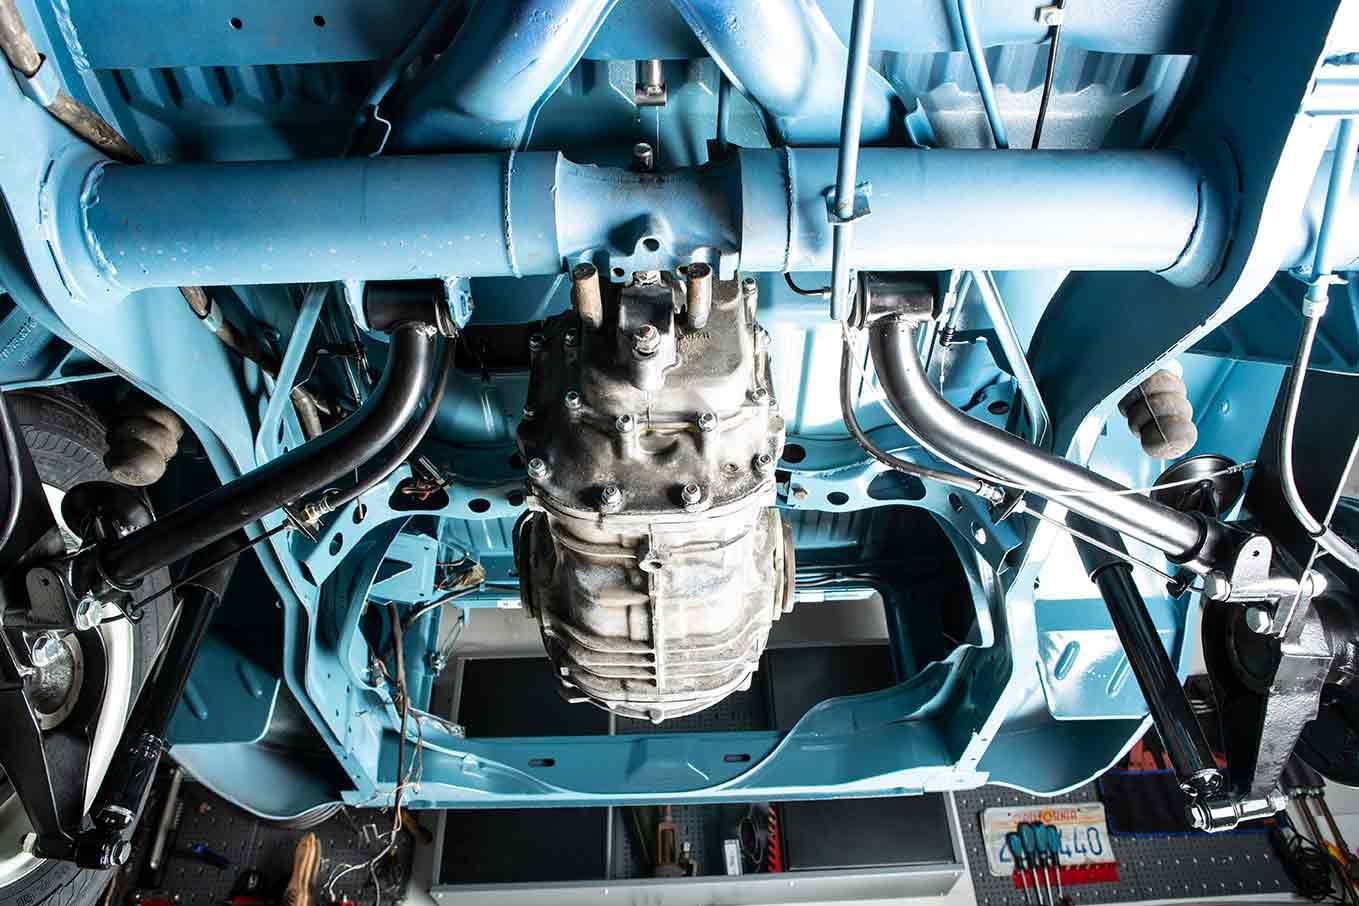 Sieht aus der Perspektive zierlich aus, wiegt aber satt: Das Getriebe unter dem VW Bus T2 Marktwagen